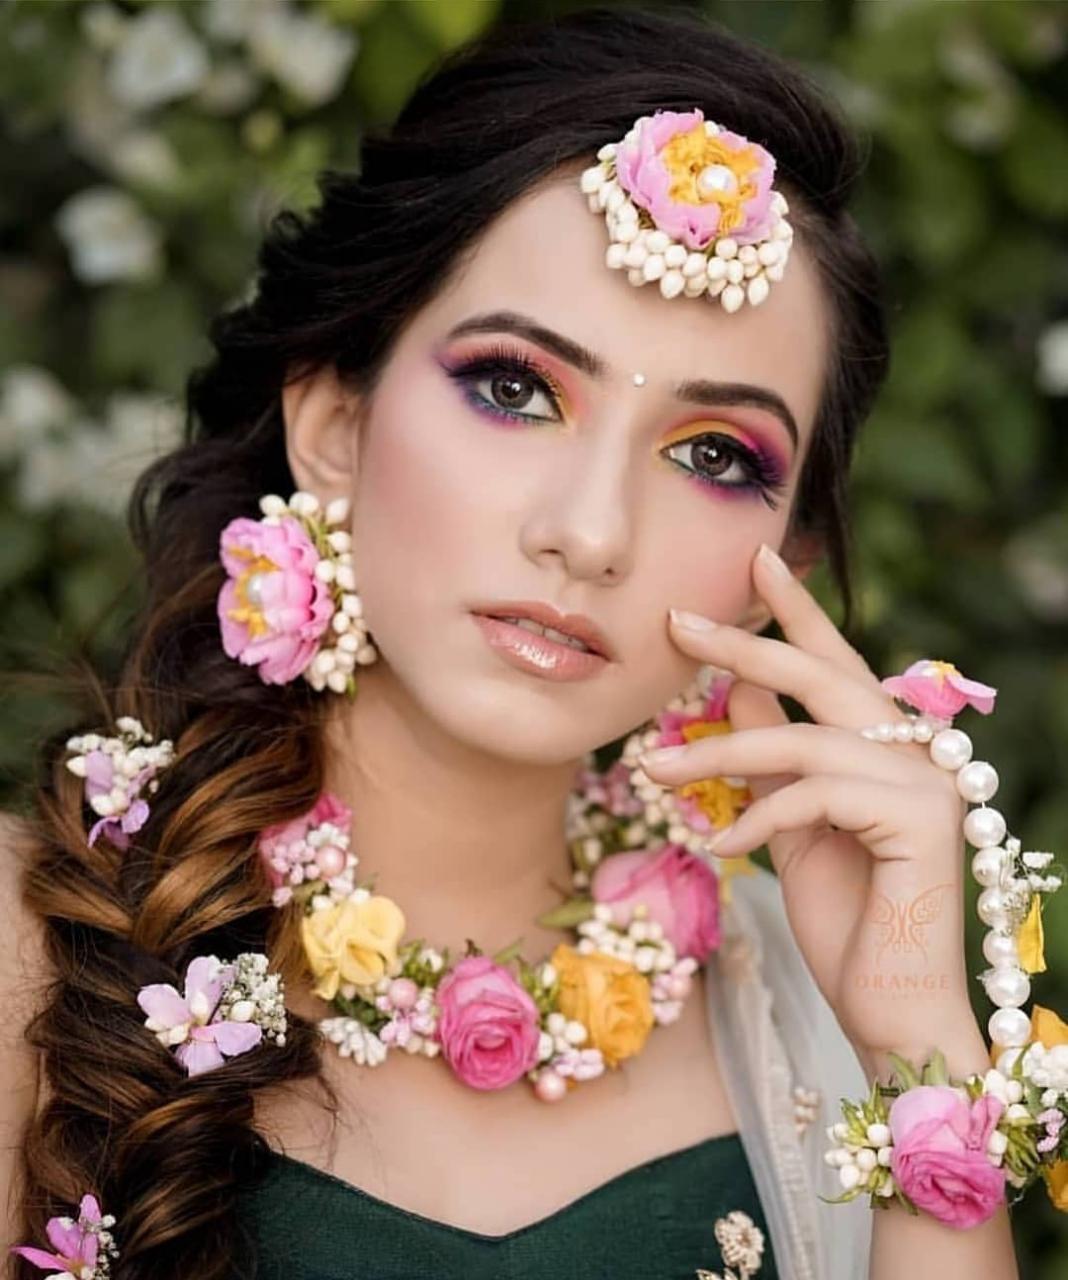 Boda india Wedding flower jewelry, Flower jewellery